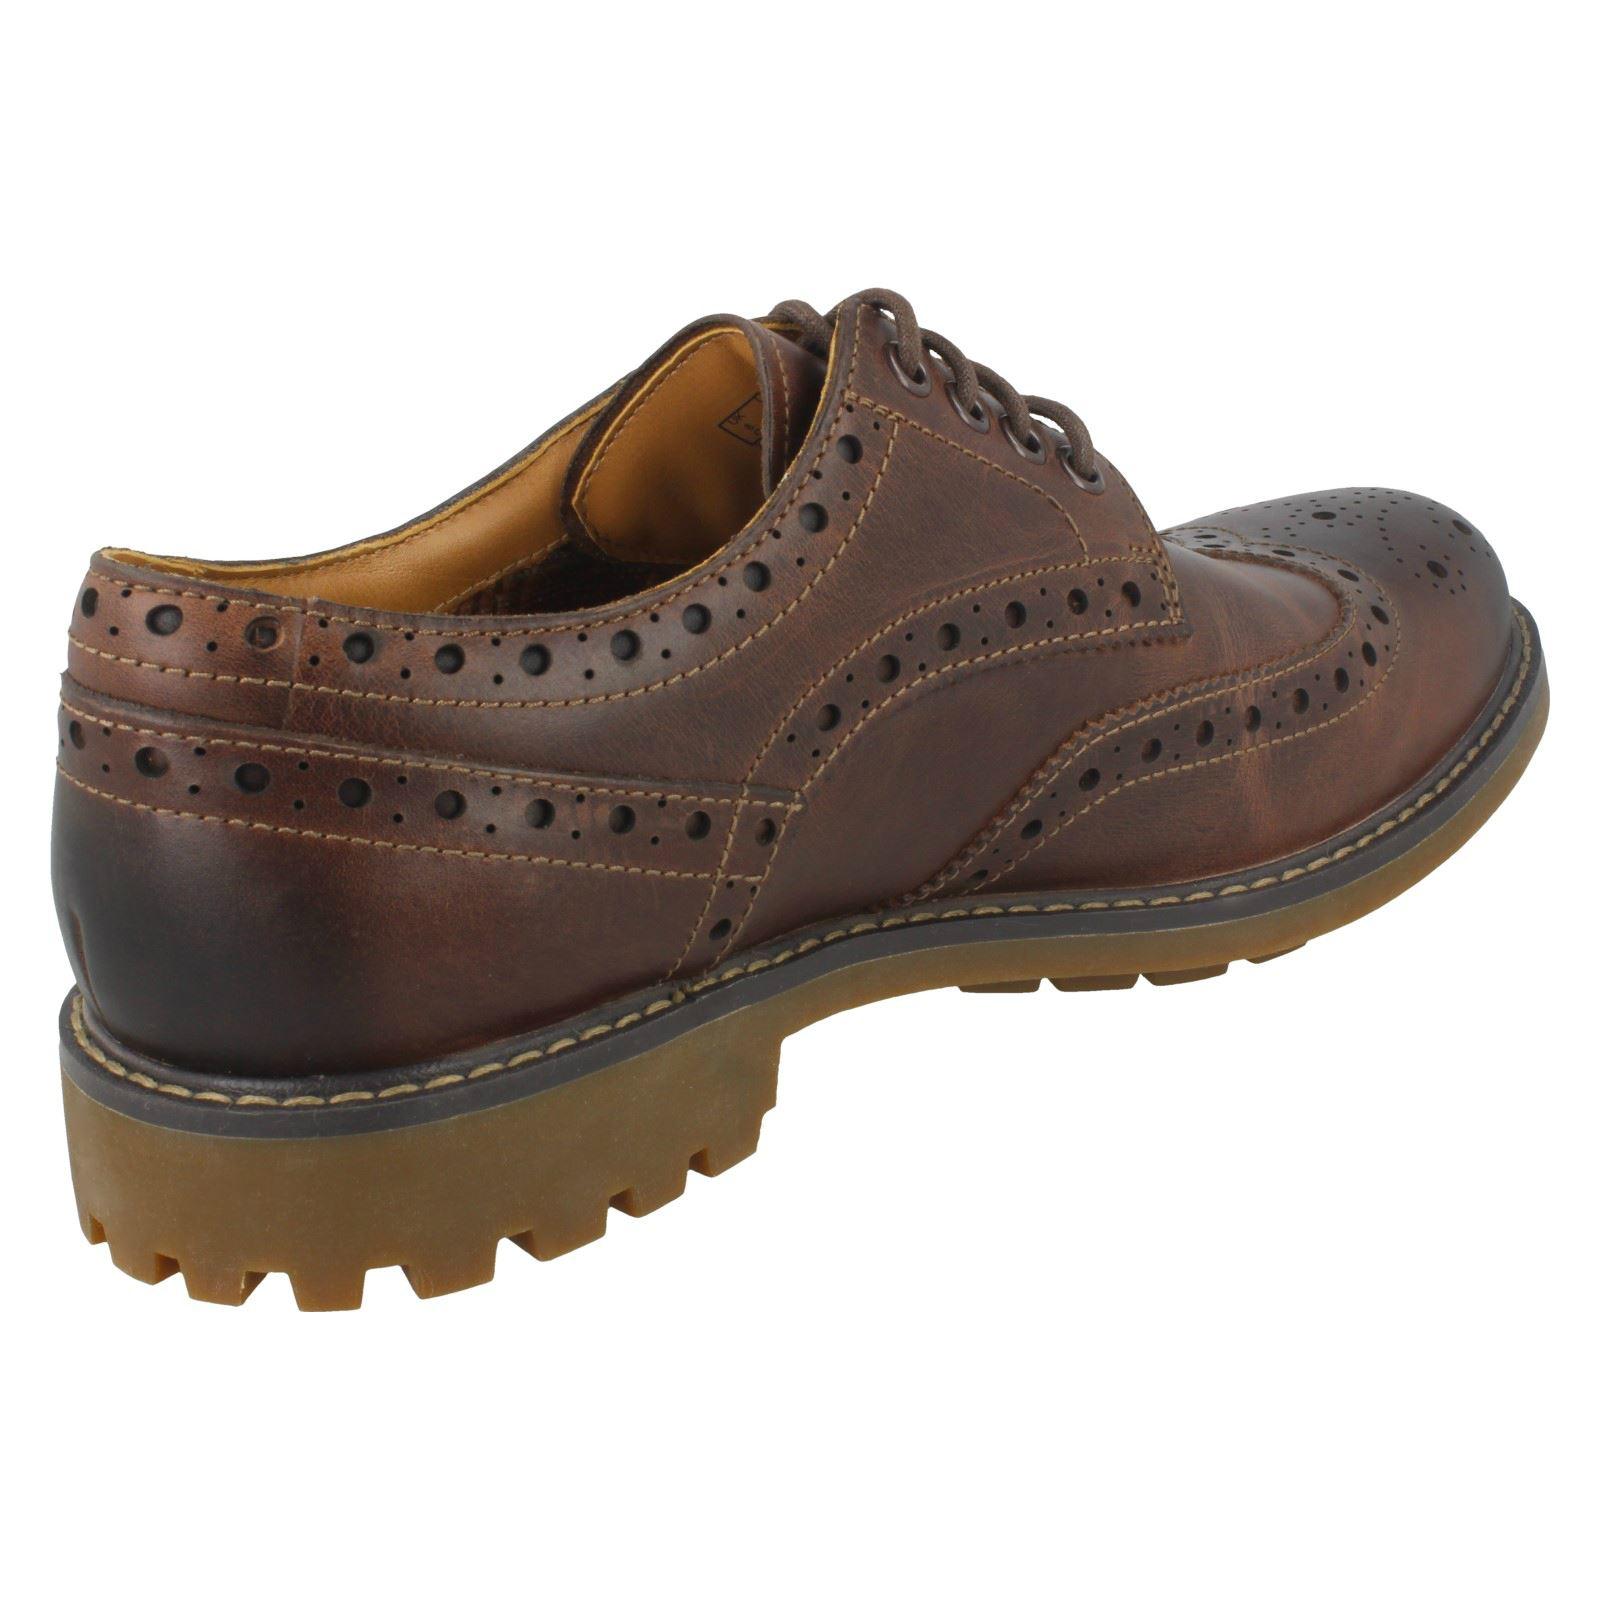 Herren Clarks Clarks Clarks Brogue Schuhes Montacute Wing 8663ea